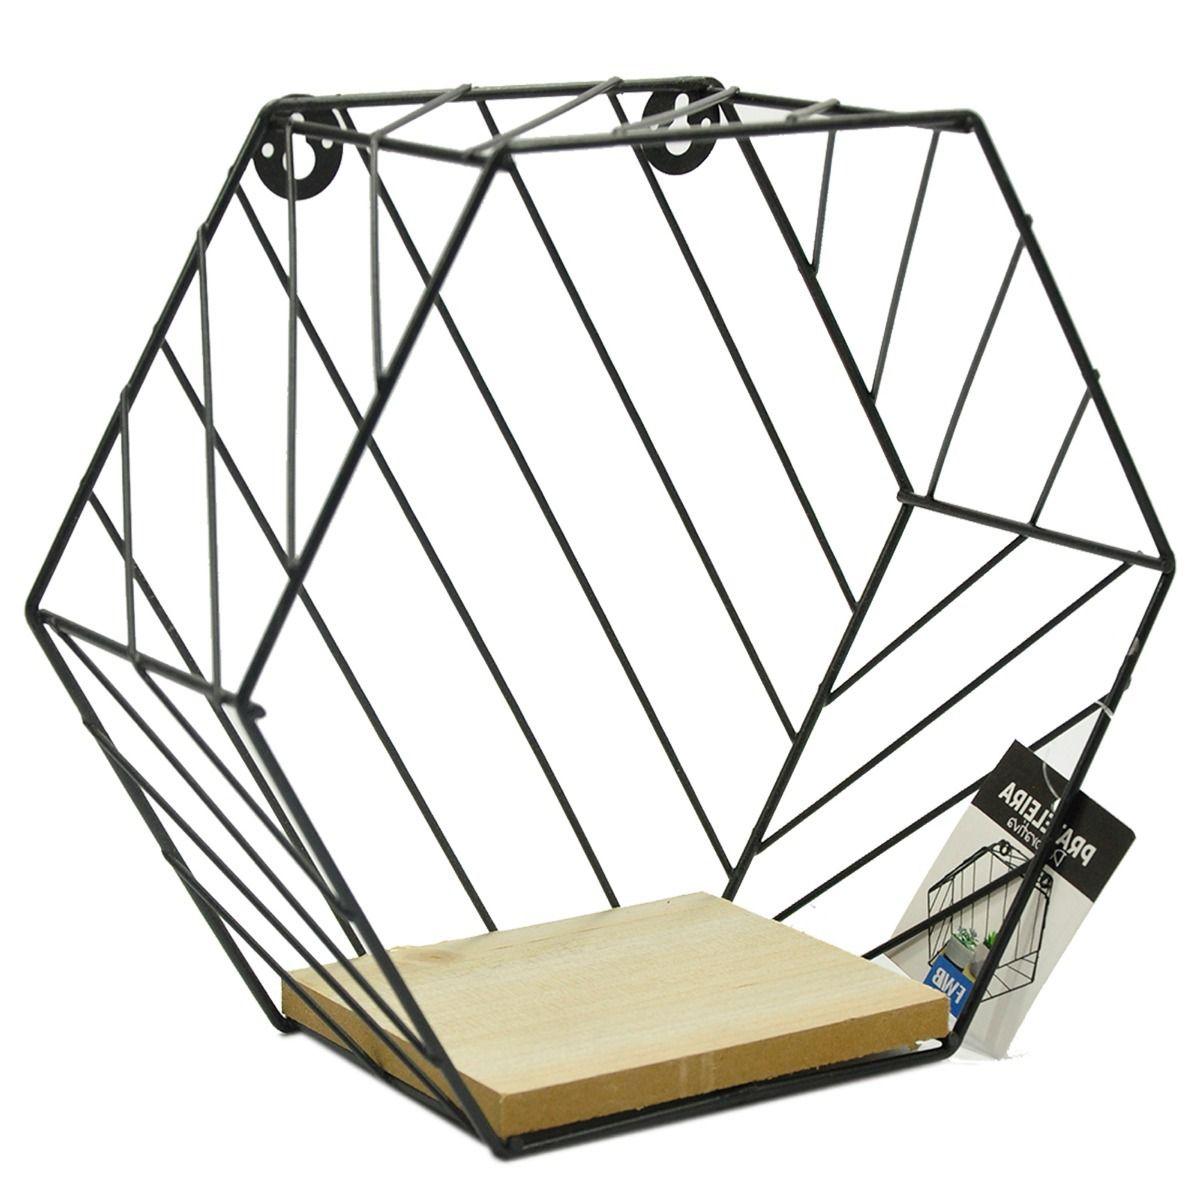 Prateleira Hexagonal 24x21x10cm Preta em Metal e Madeira  - Shop Ud